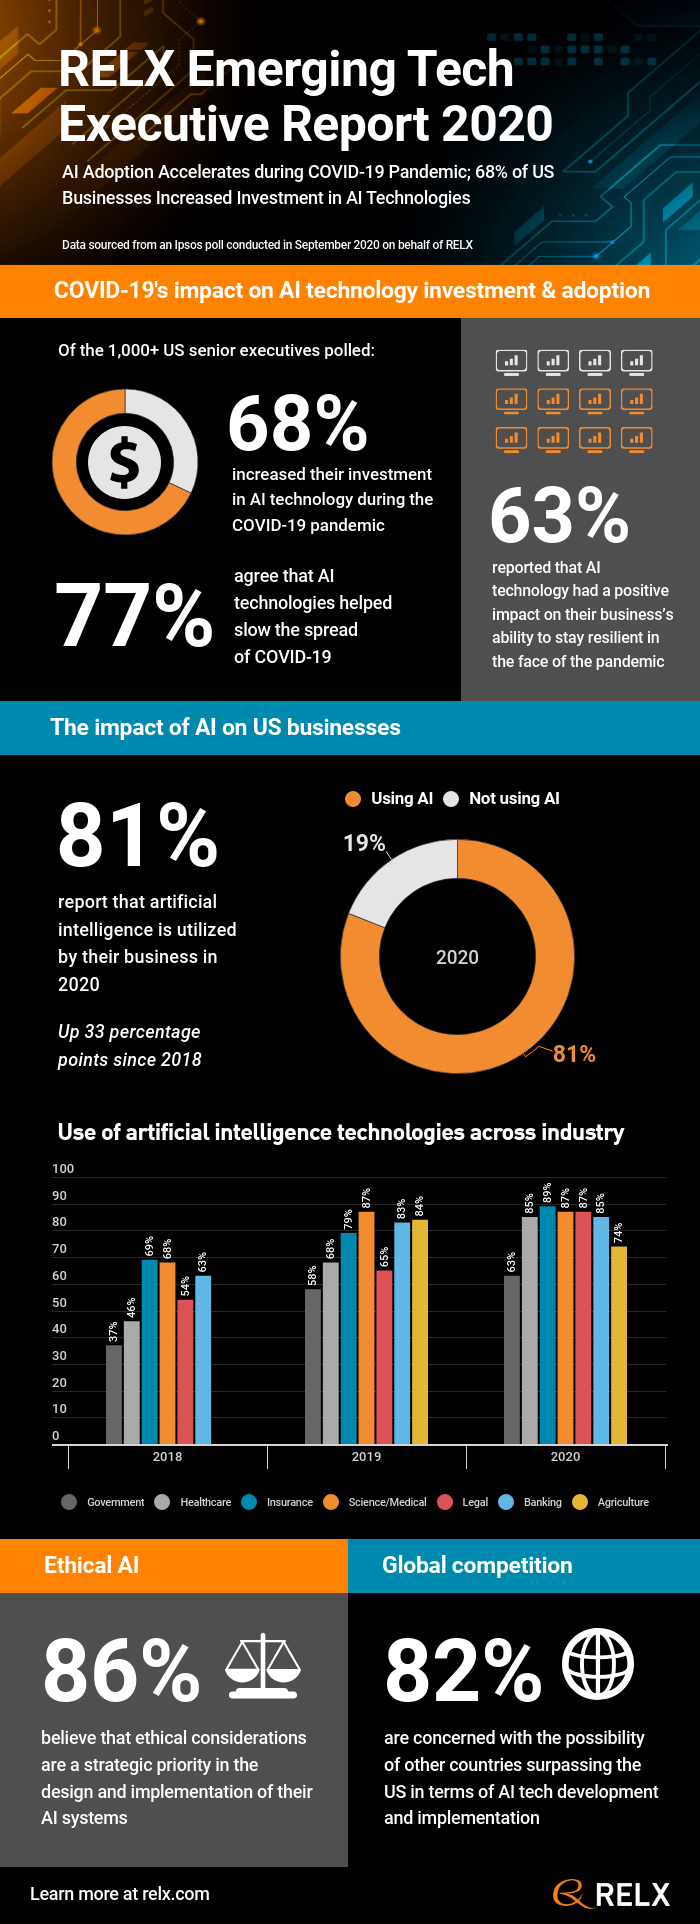 Key Finding in Emerging Tech Survey